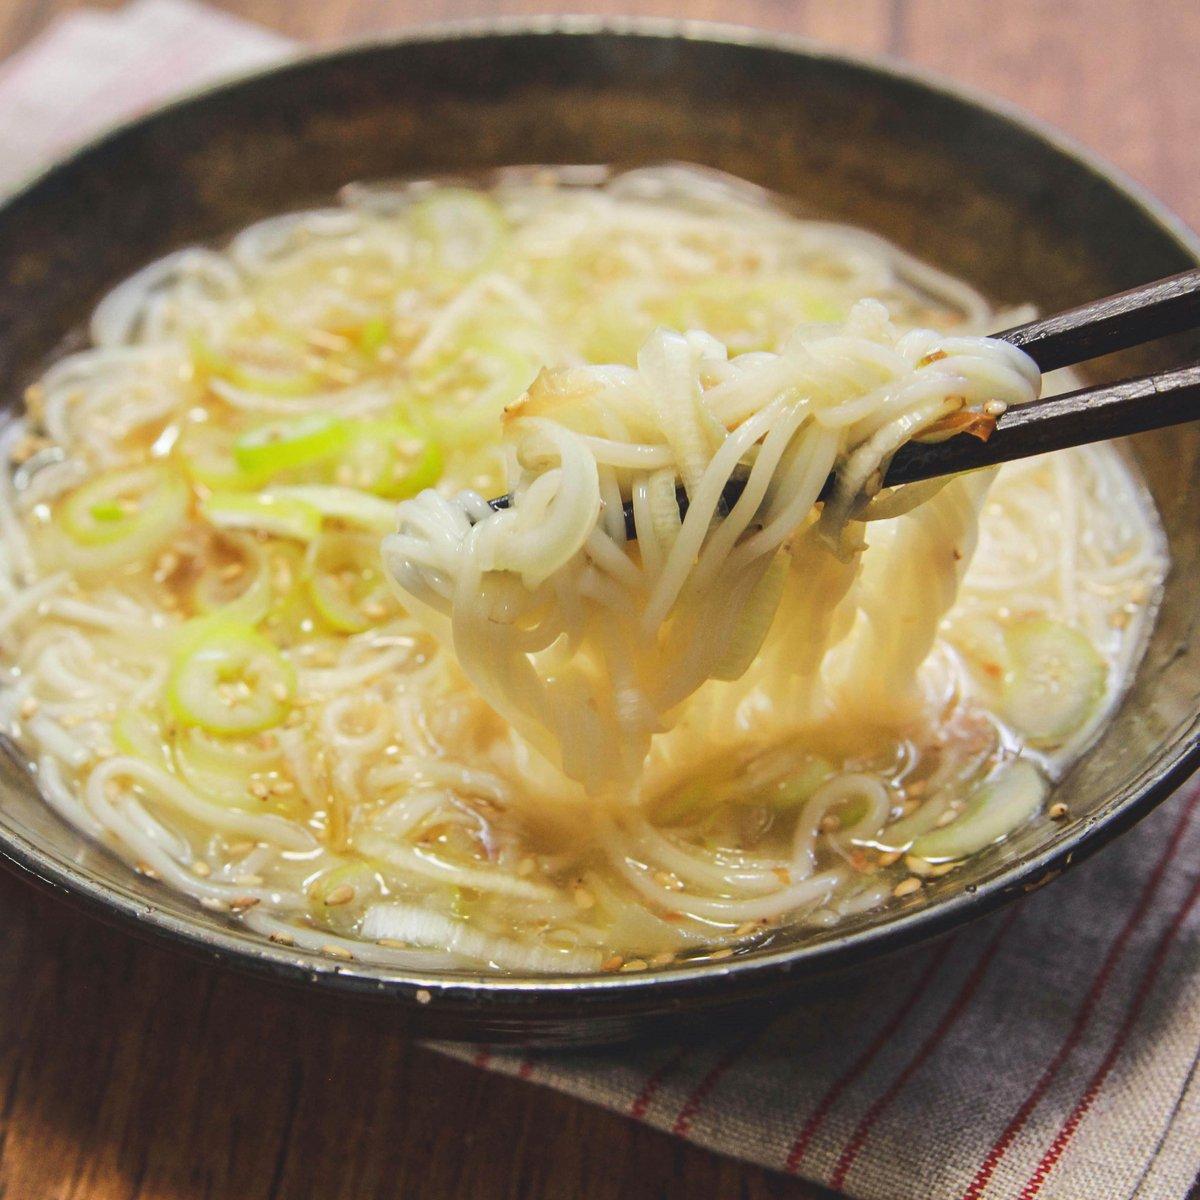 夏のうちに使い切れず余ってしまった素麺がある方必見!電子レンジで作れちゃう、お手軽素麺レシピ!